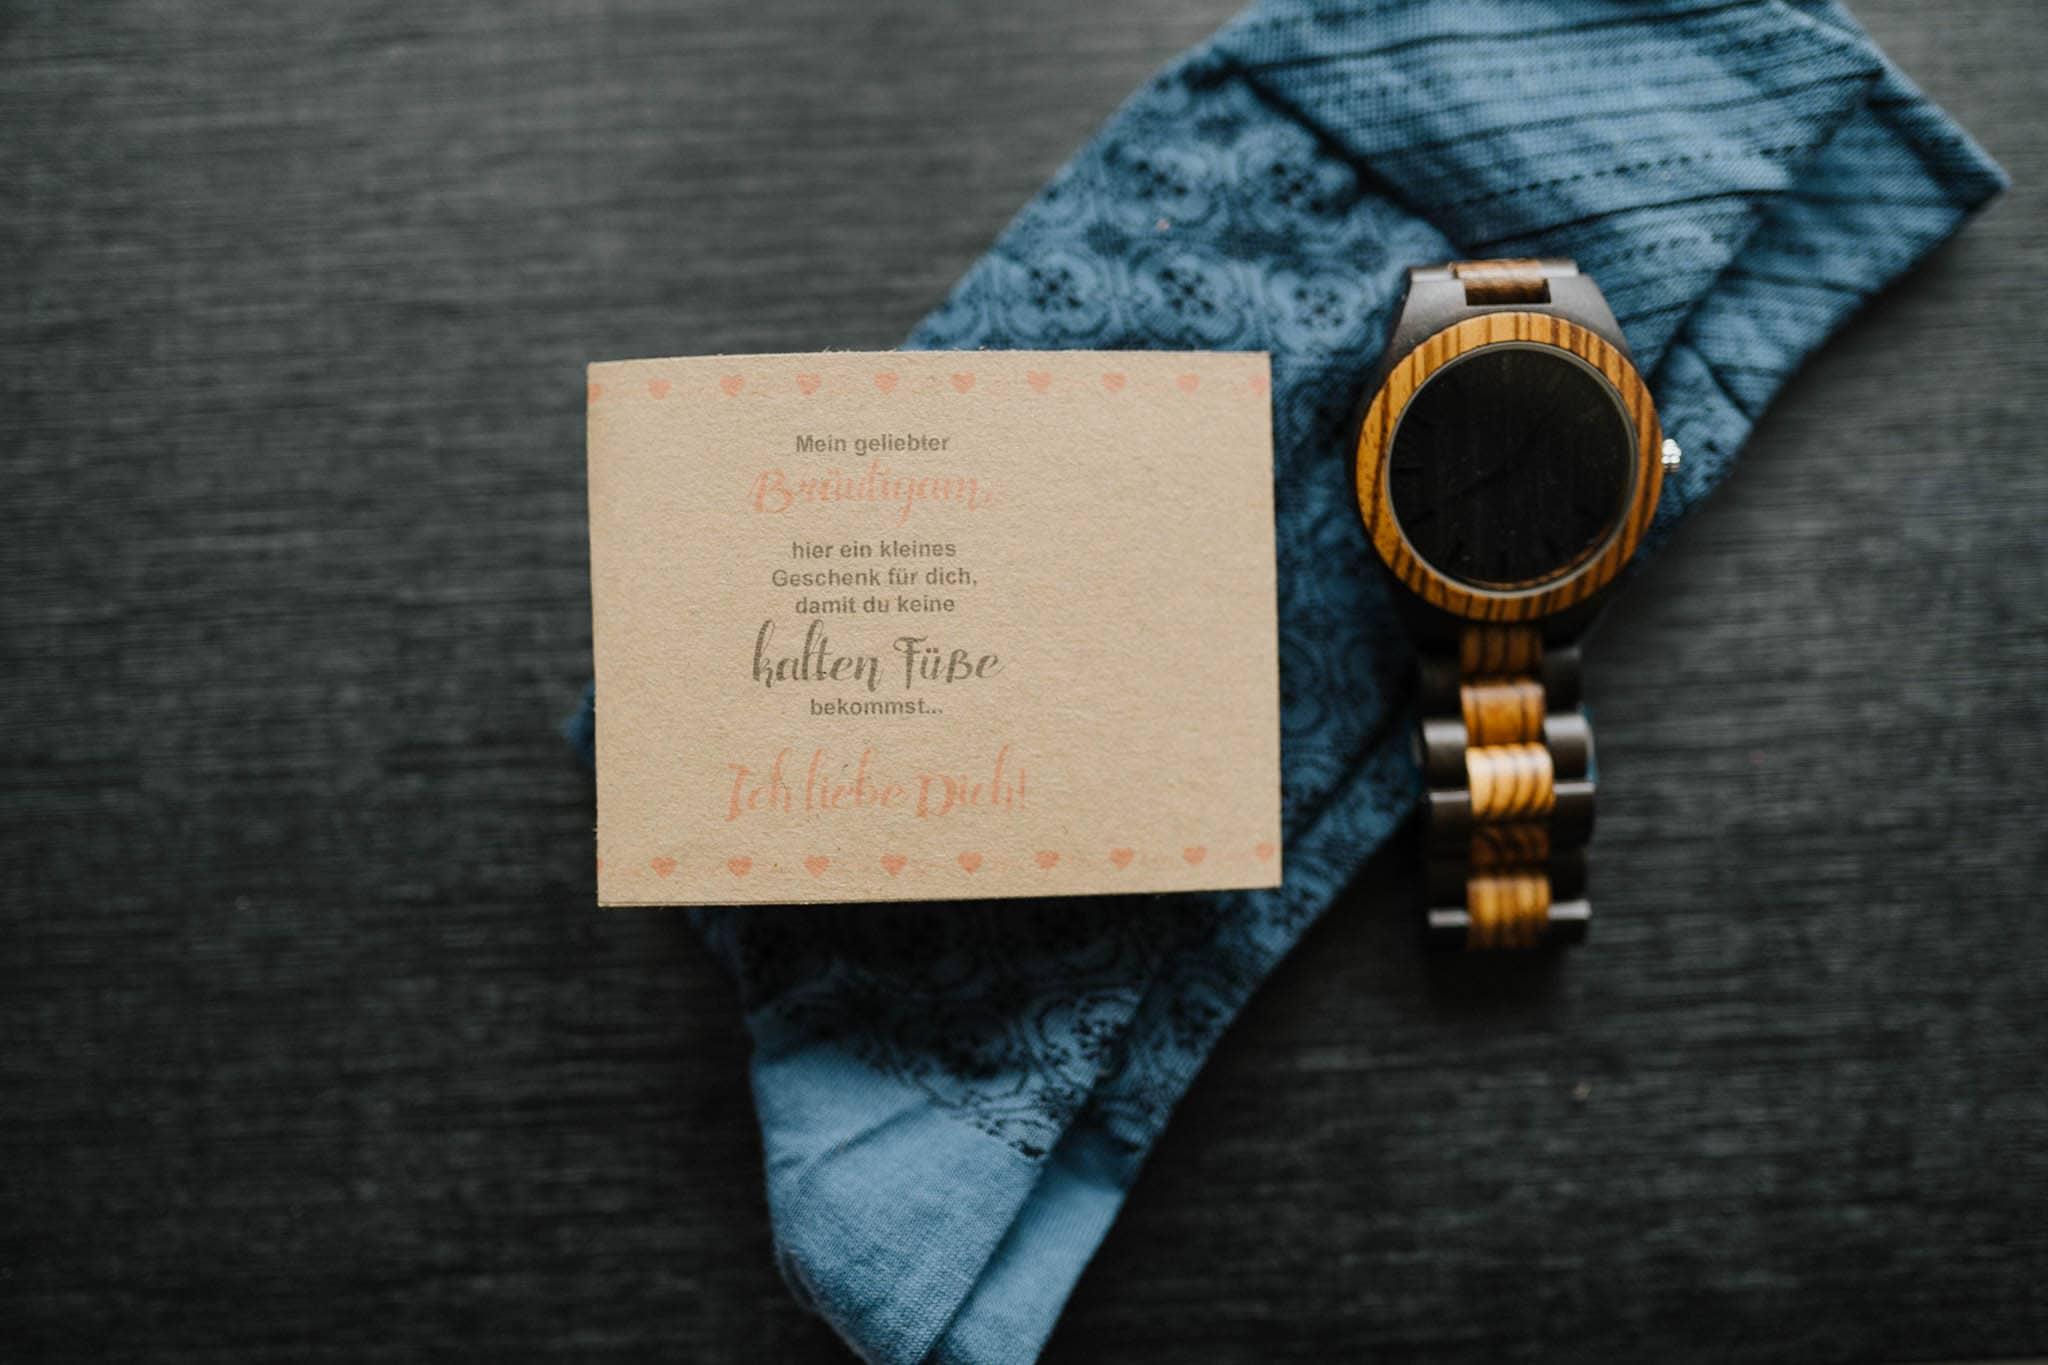 Hochzeitsfieber by Photo-Schomburg, Hoichzeitsfotograf, Hamburg, Wedding, Weddingtime, Hochzeitspaar, Braut, Bräutigam, Hochzeit im Norden,-8